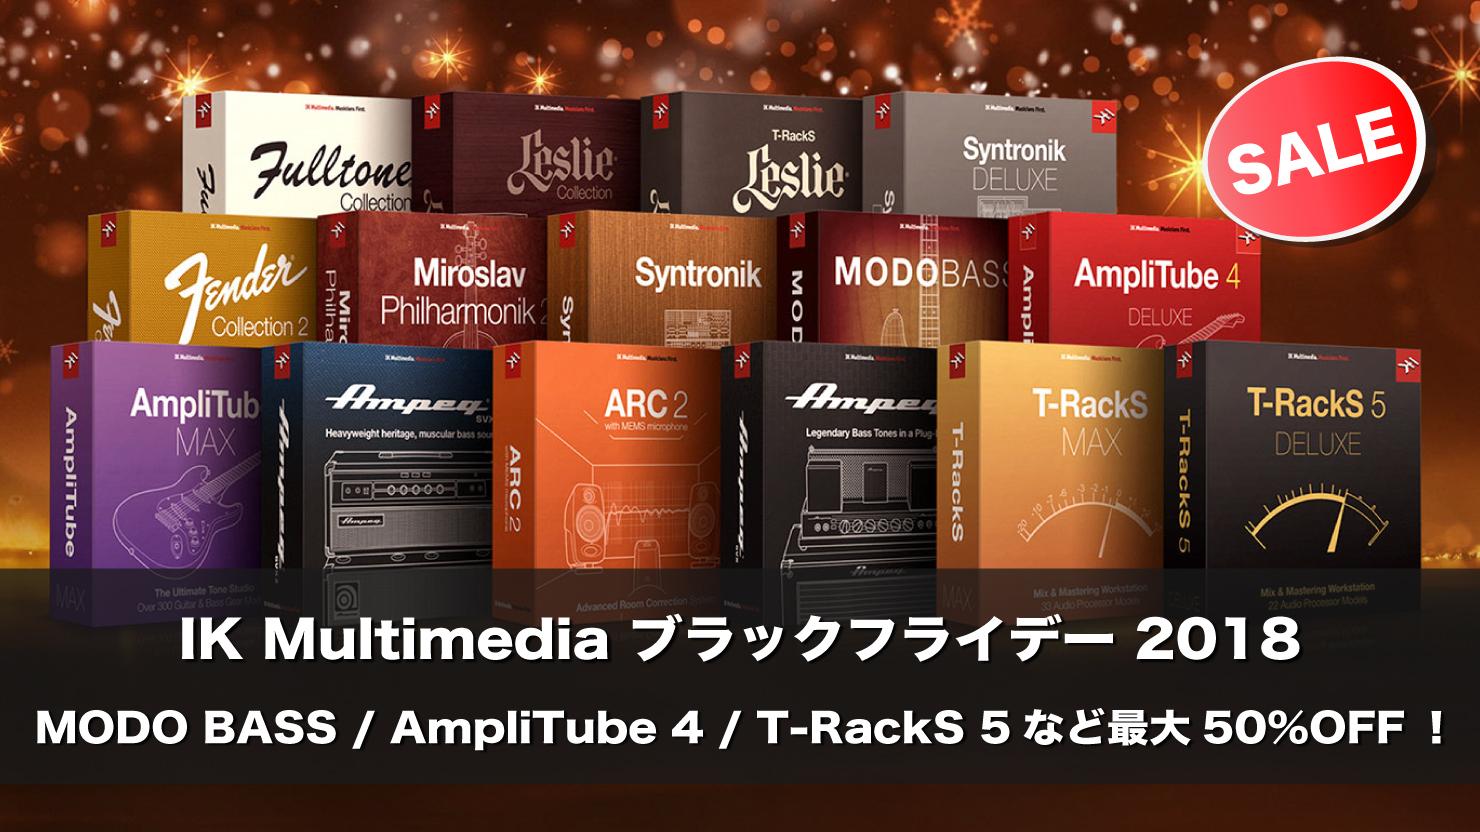 【最大50%OFF】IK Multimedia ブラックフライデー 2018 MODO BASSやT-RackS 5などセール中!